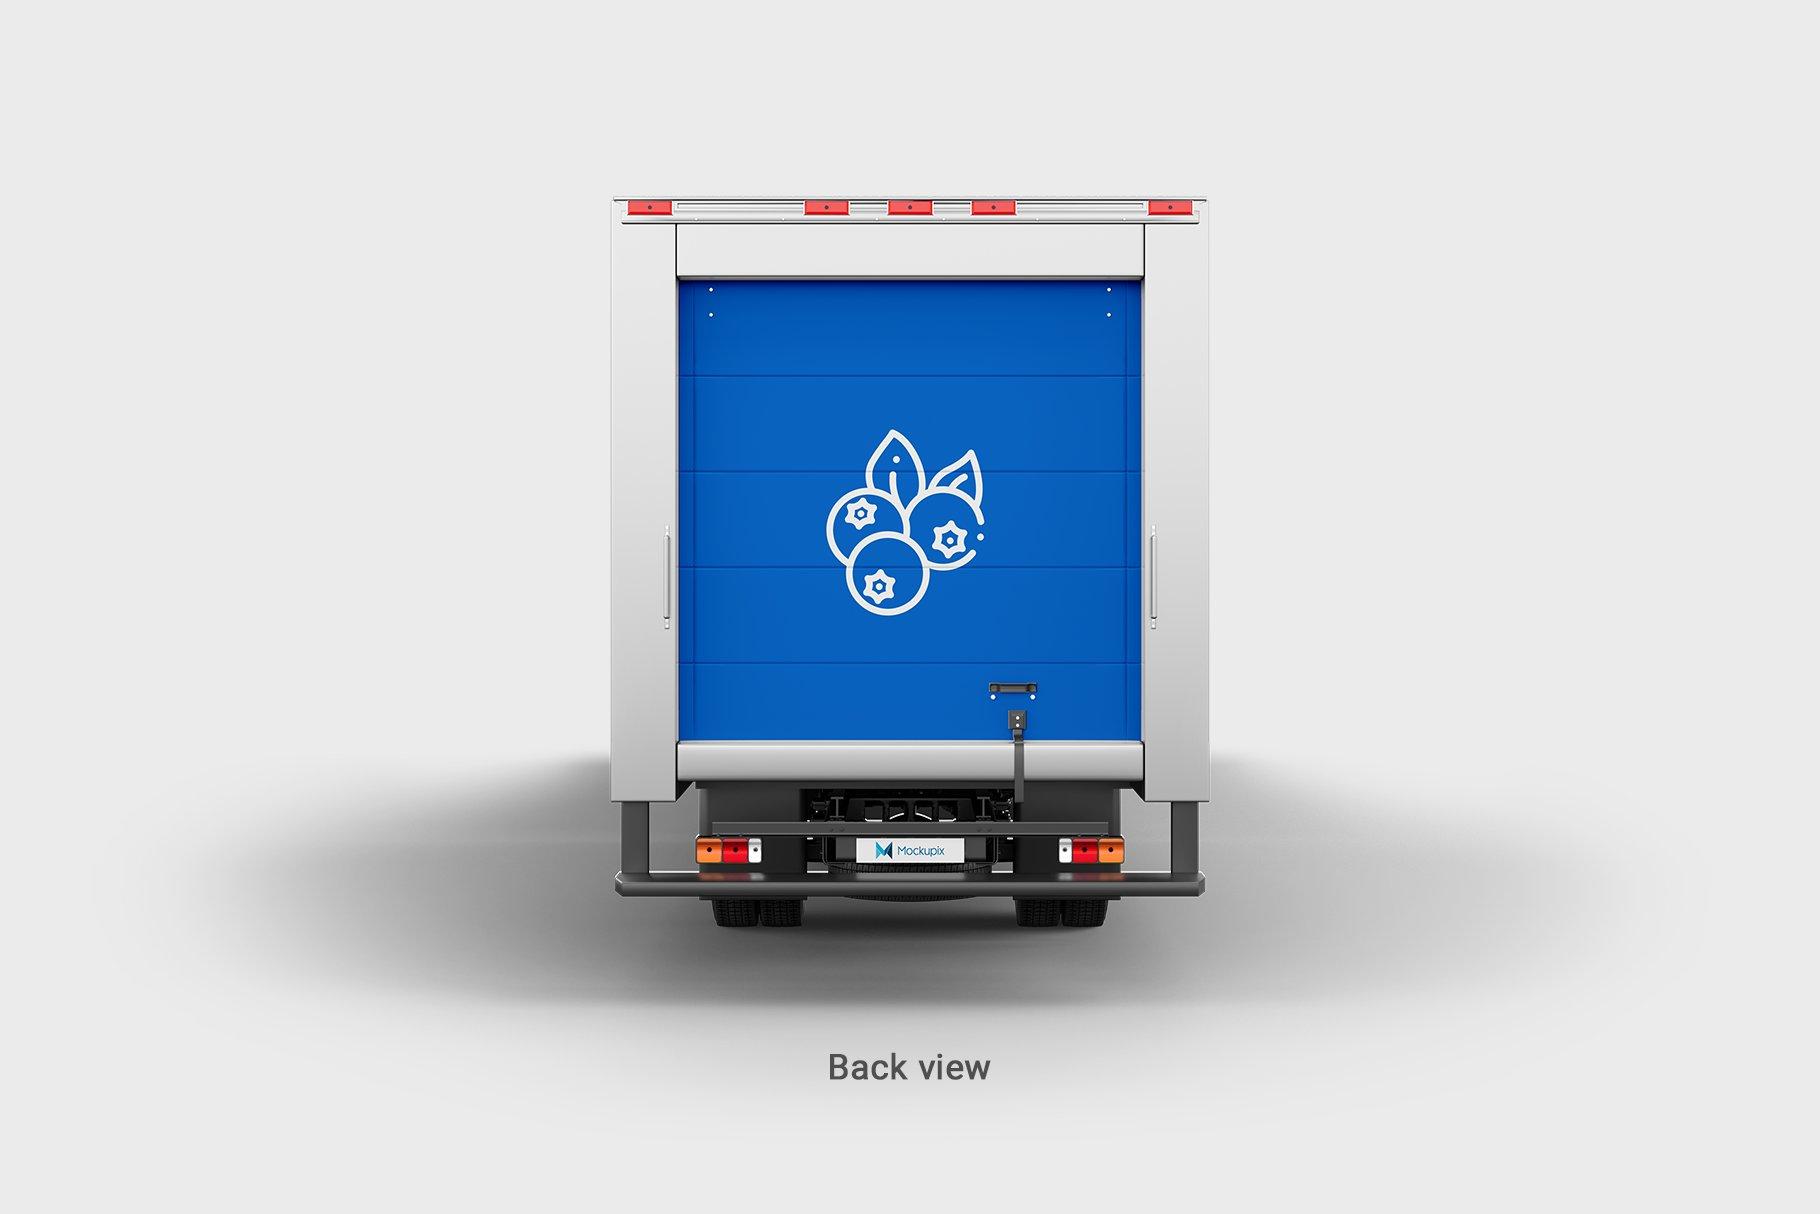 6款厢式货车卡车车身广告设计展示样机 Truck Mockup 4插图(8)